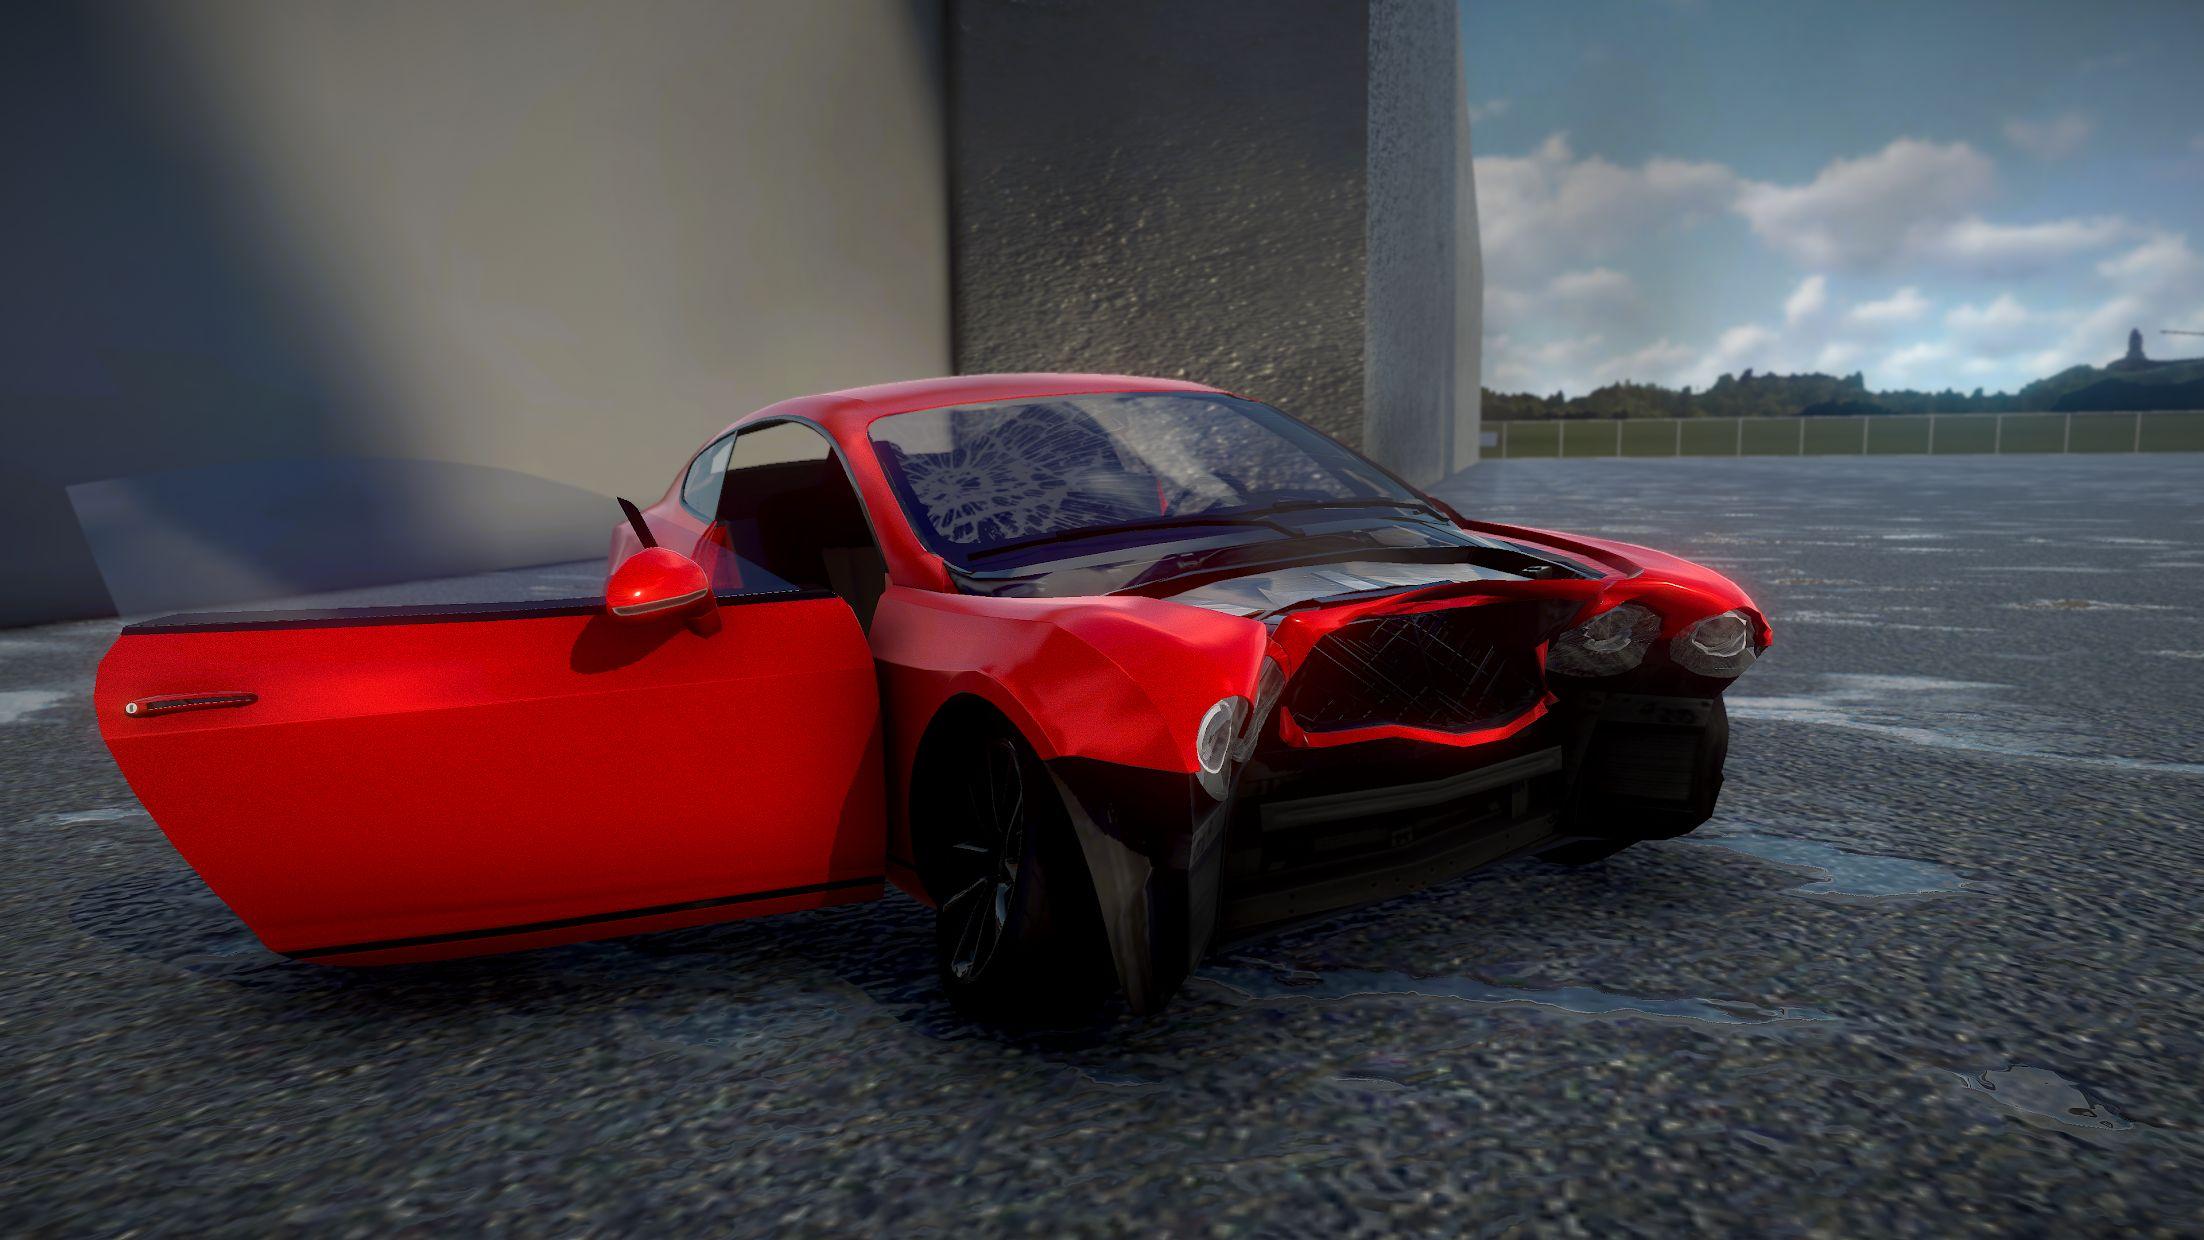 WDAMAGE: Car Crash Engine 游戏截图3